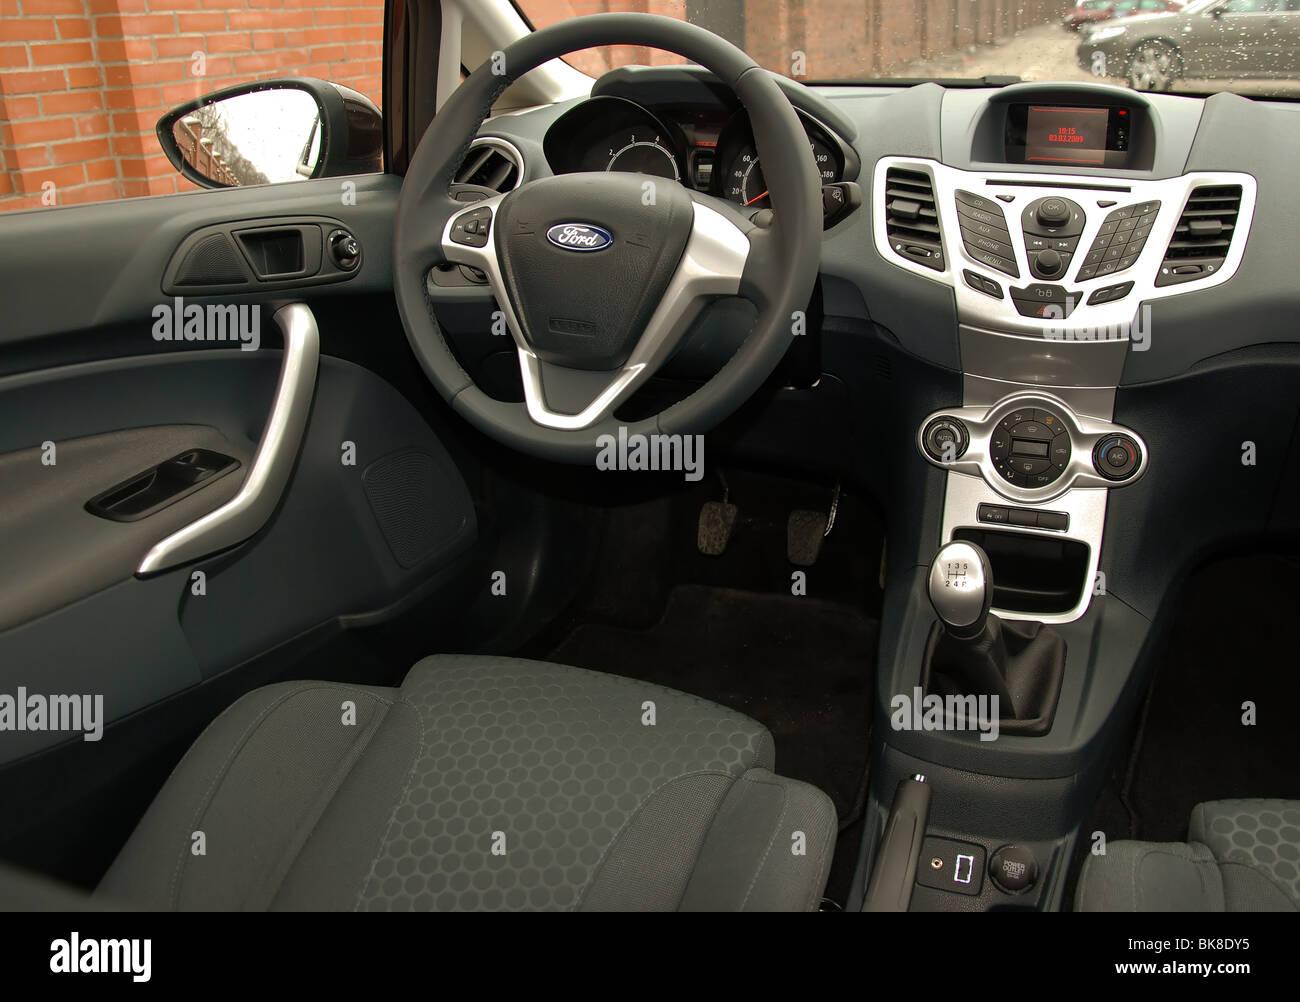 Ford Fiesta 1.6 Sport - 2009 - braun Metallic - drei Türen (3D ...